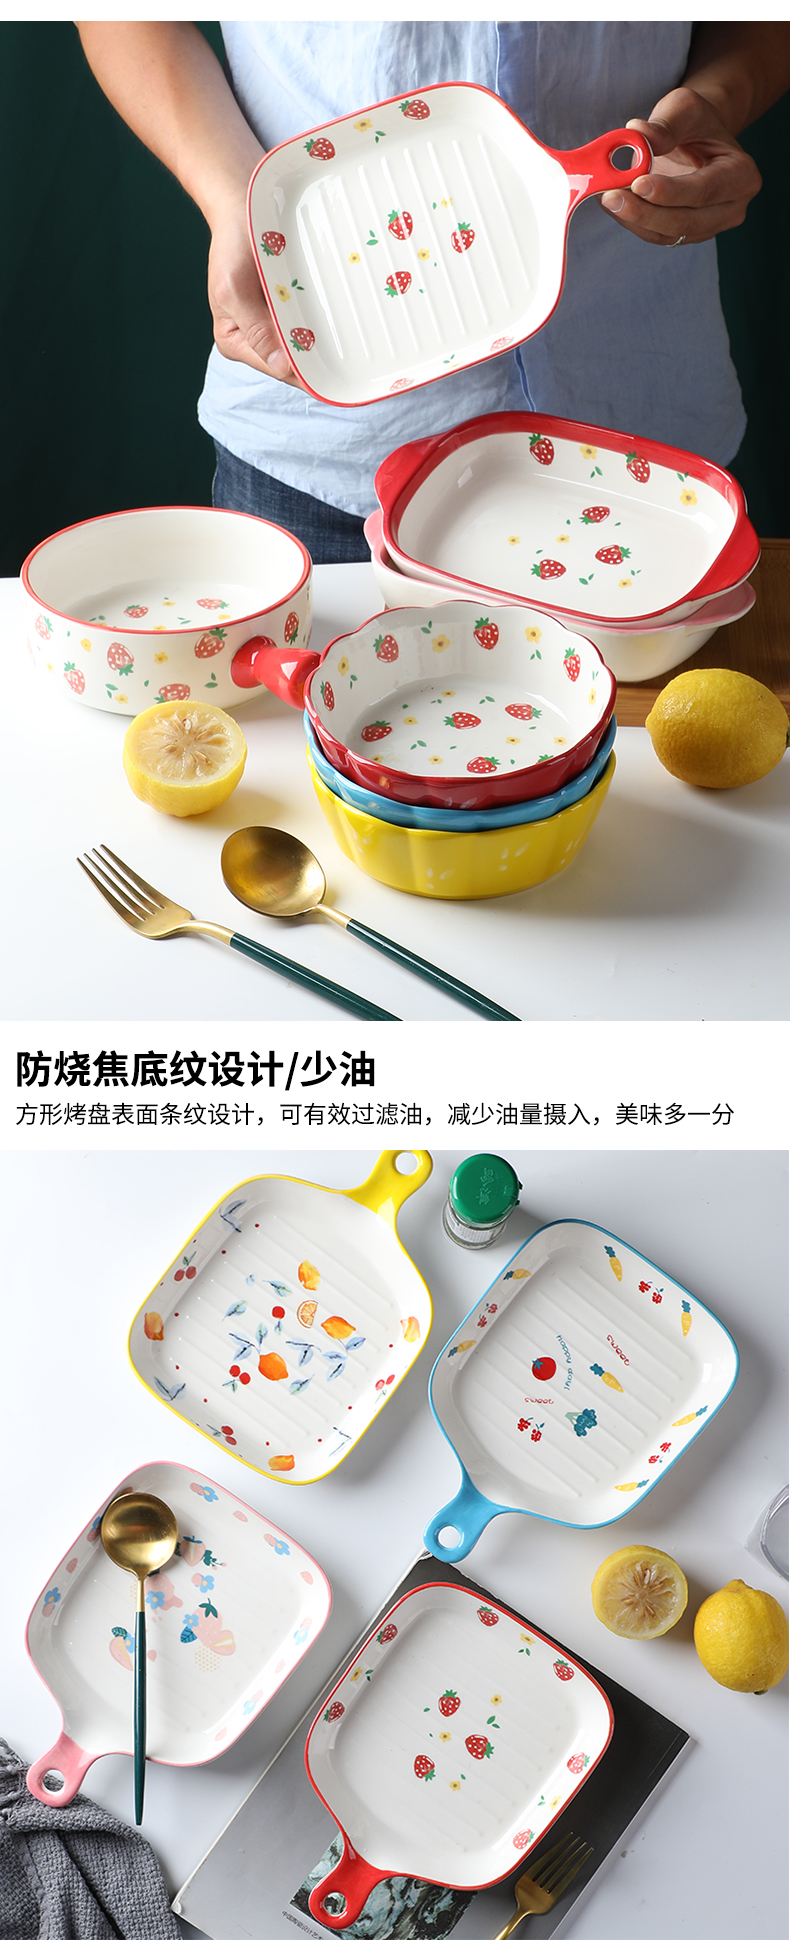 手绘双耳盘子家用陶瓷烤盘创意焗烤饭碗网红水果盘可爱早餐盘烘焙盘详细照片